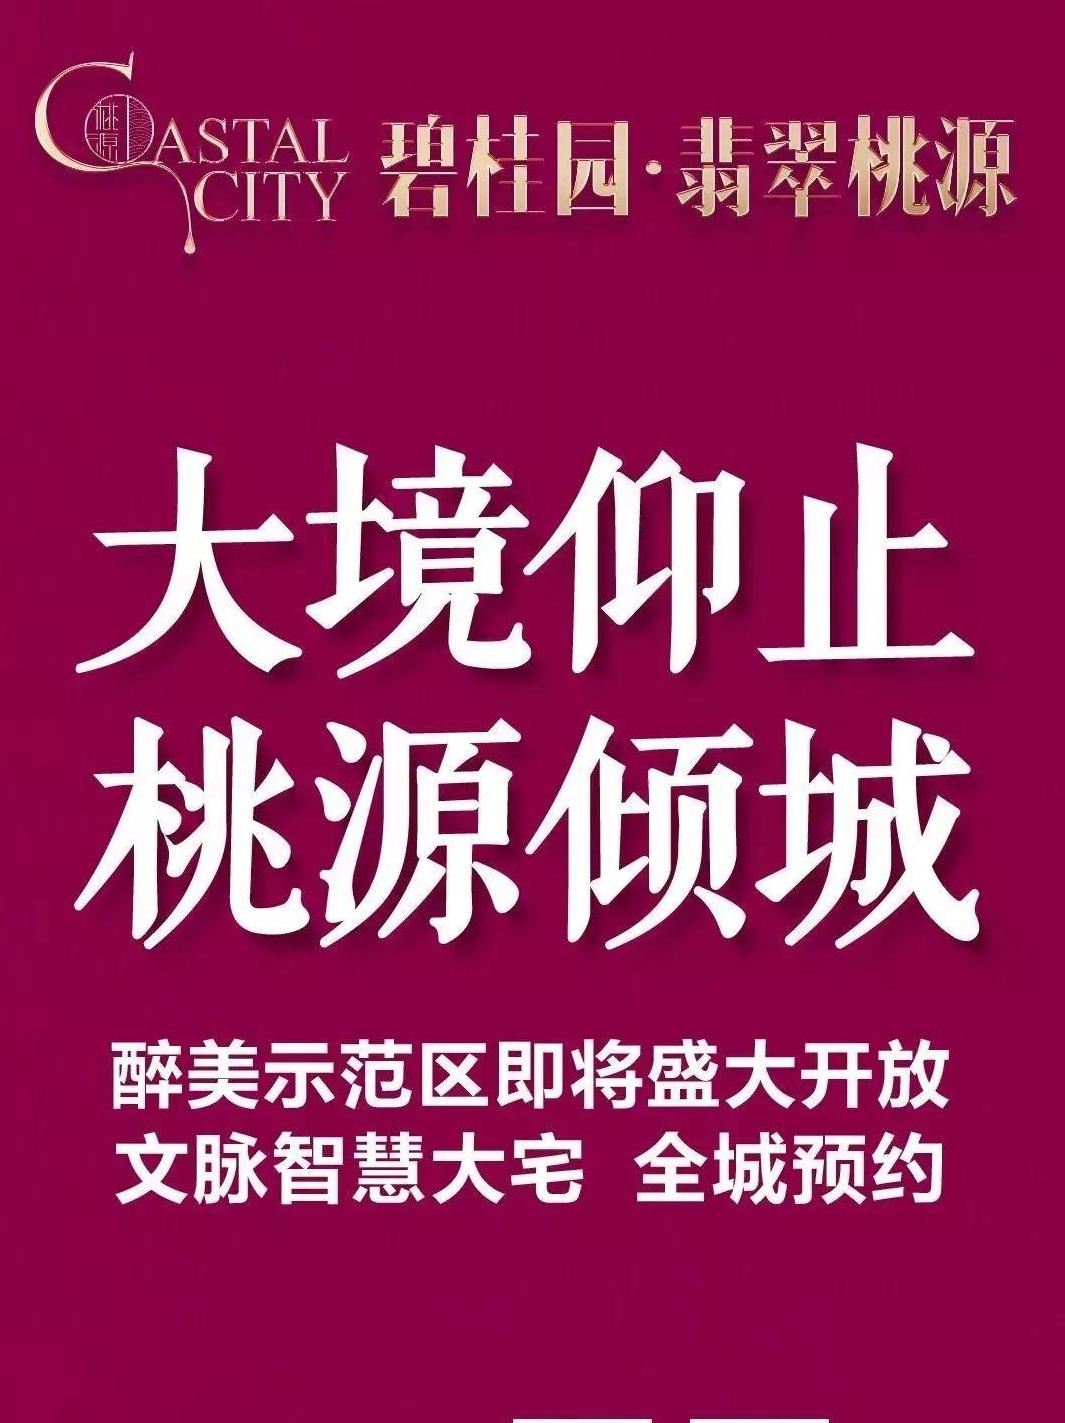 碧桂园·翡翠桃源 送您5000元专享优惠!5.0智境社区荣